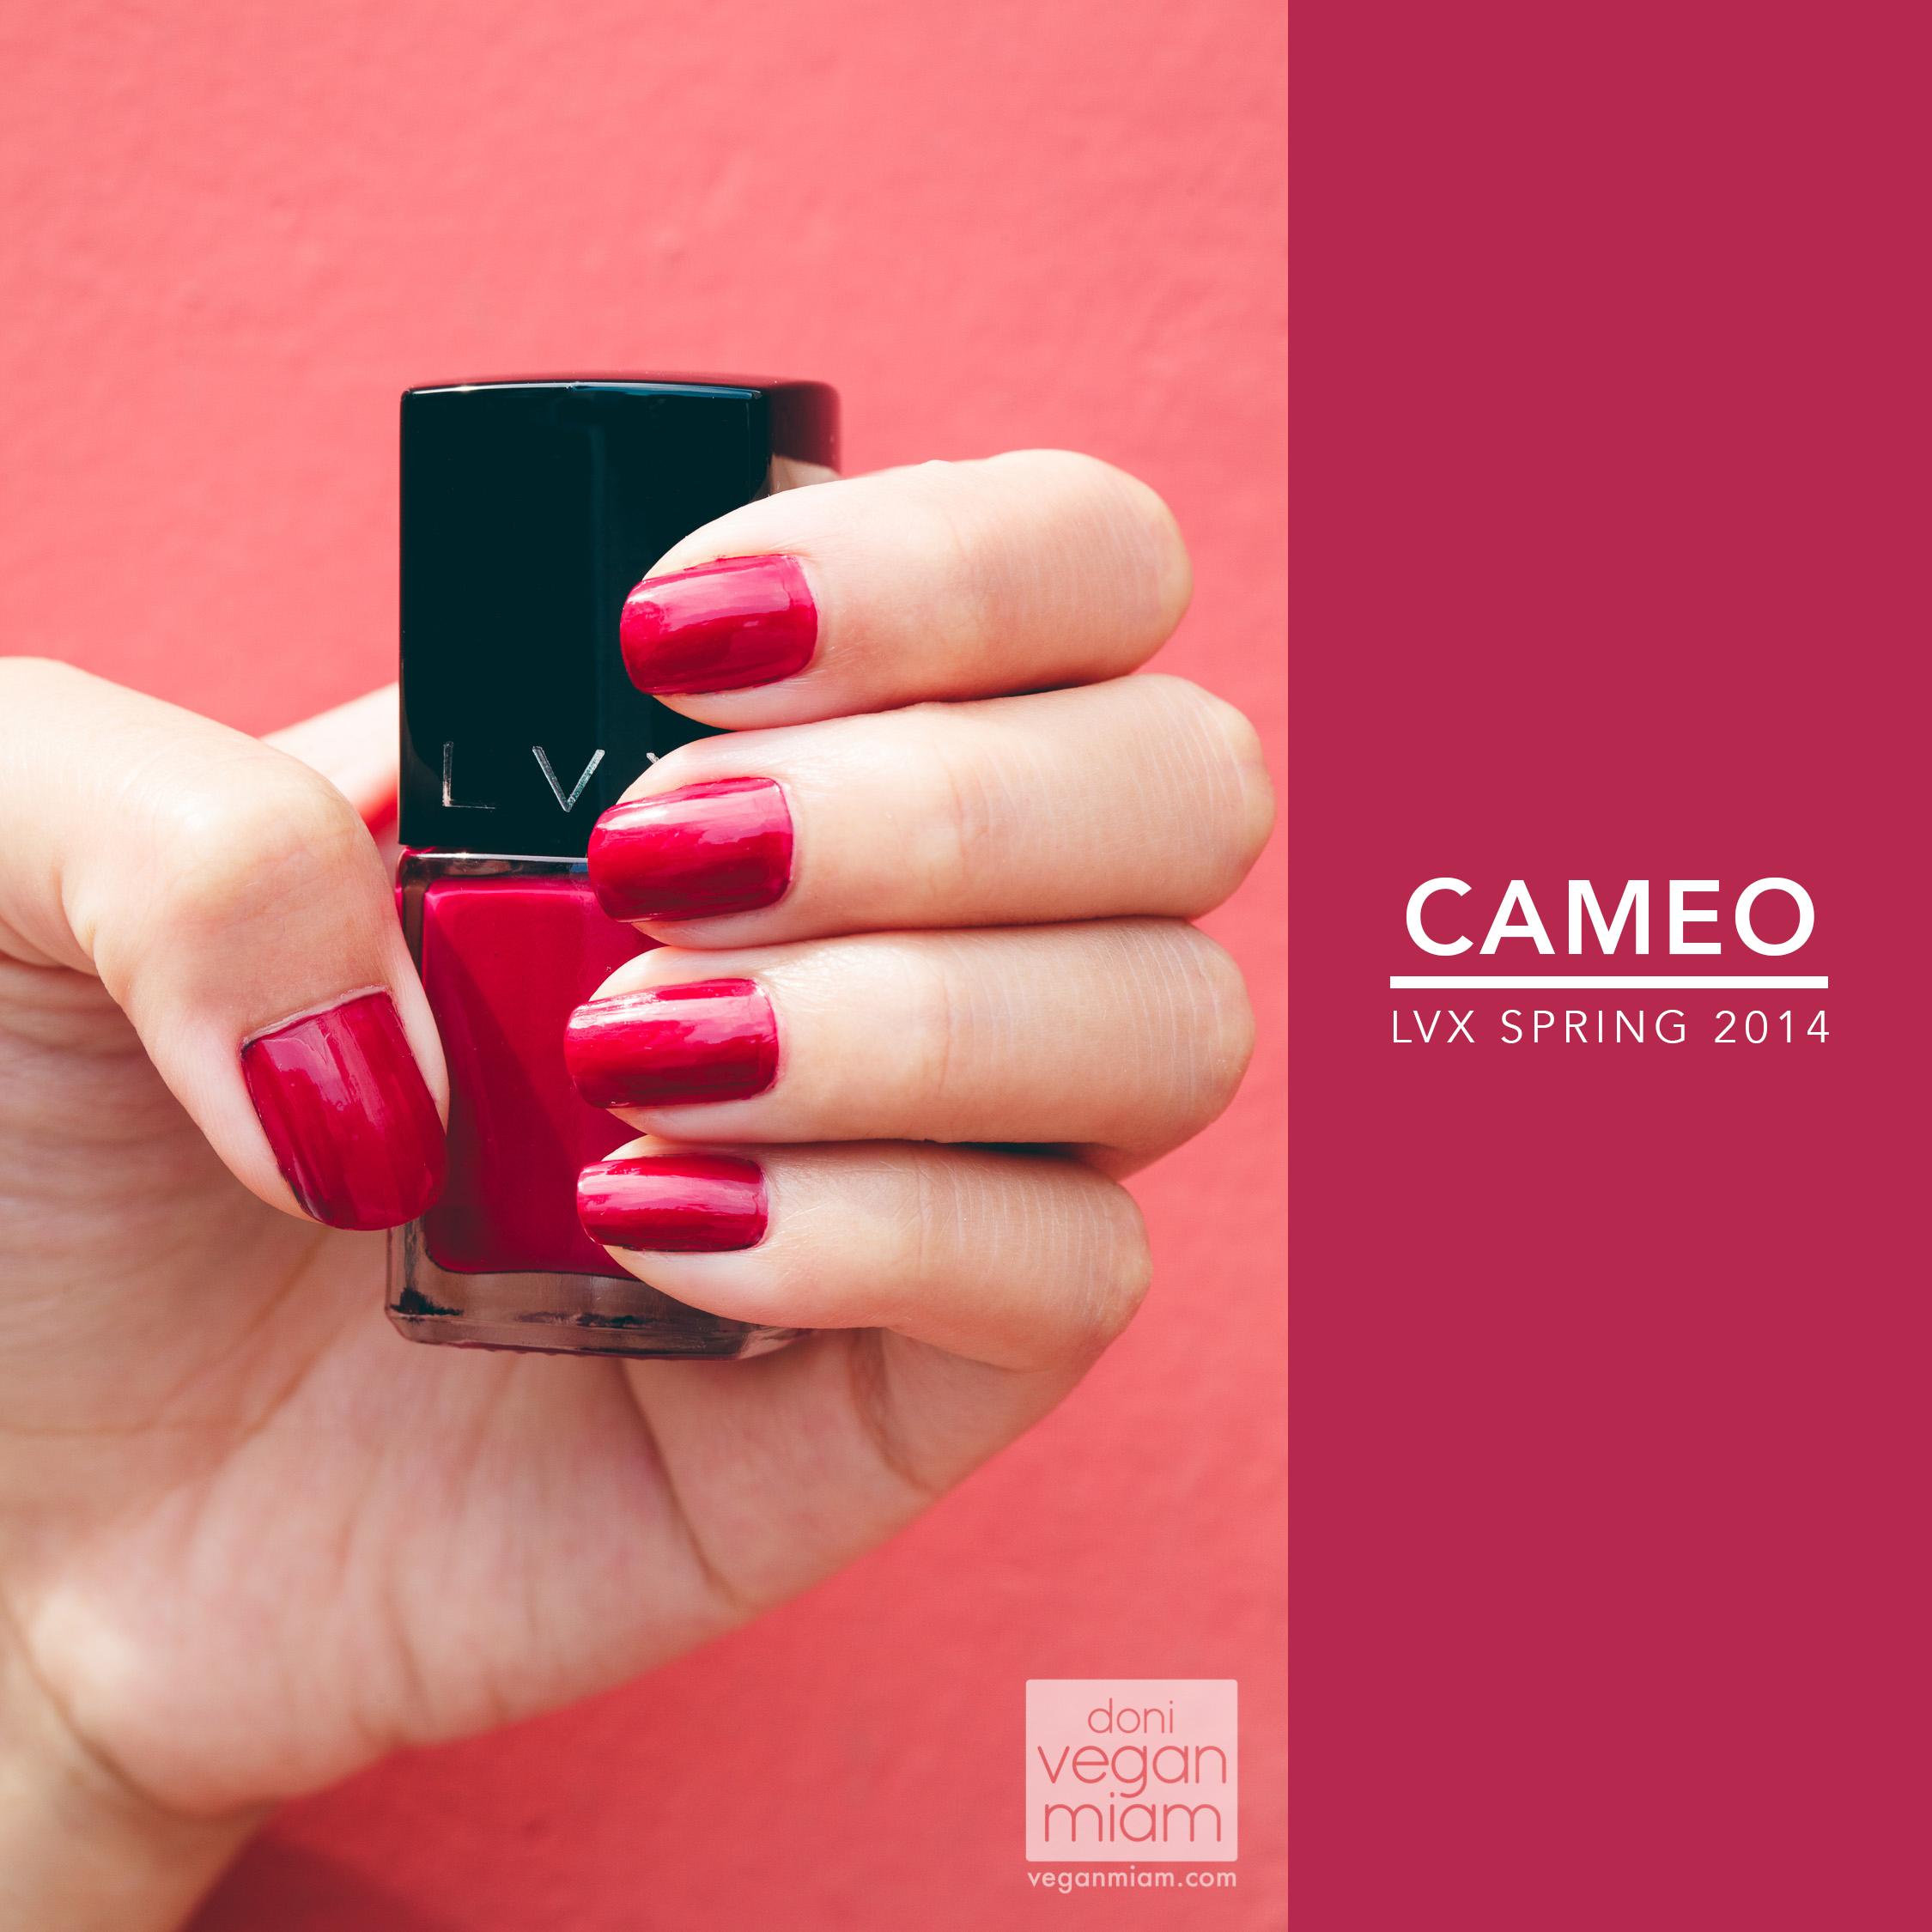 LVX Spring 2014 - Cameo